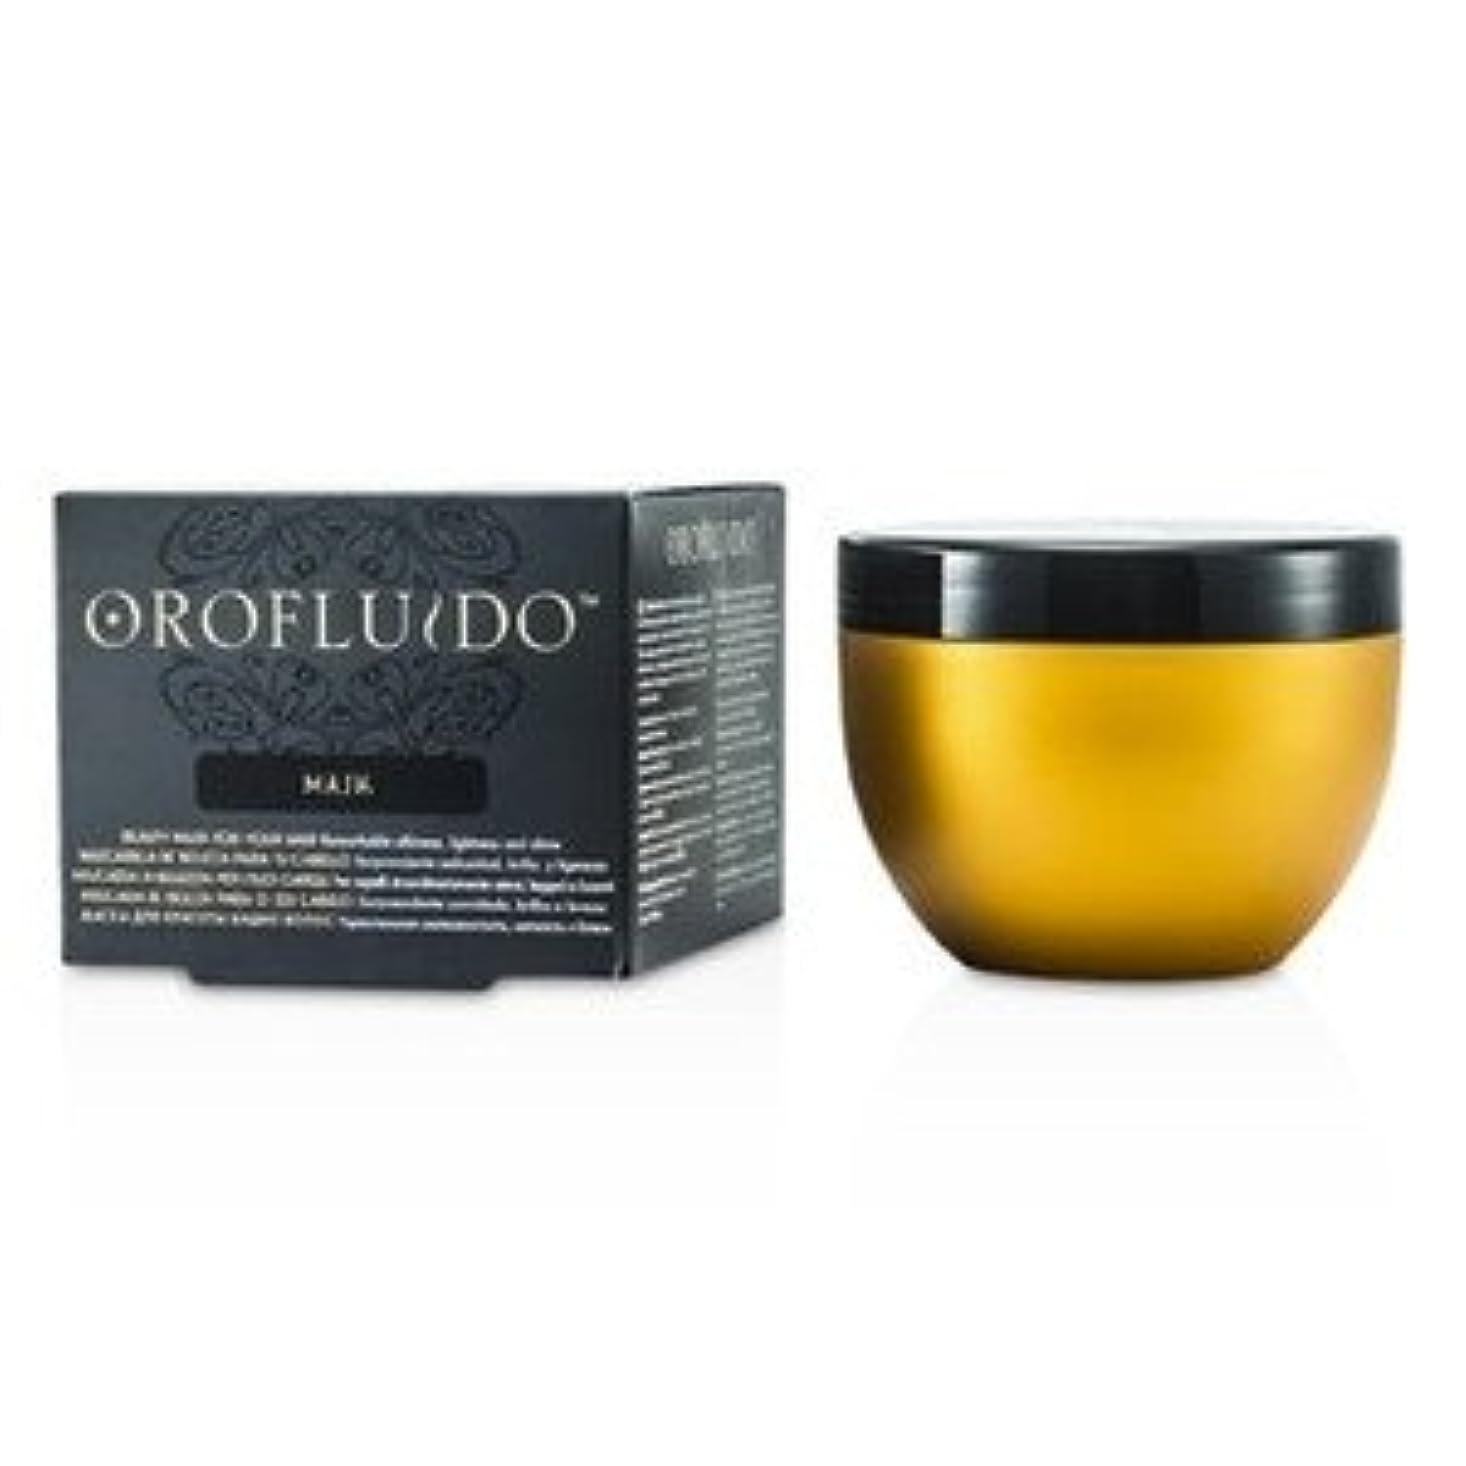 熟練した複雑でない君主制オロフルイド(OROFLUIDO) マスク 250ml/8.4oz [並行輸入品]